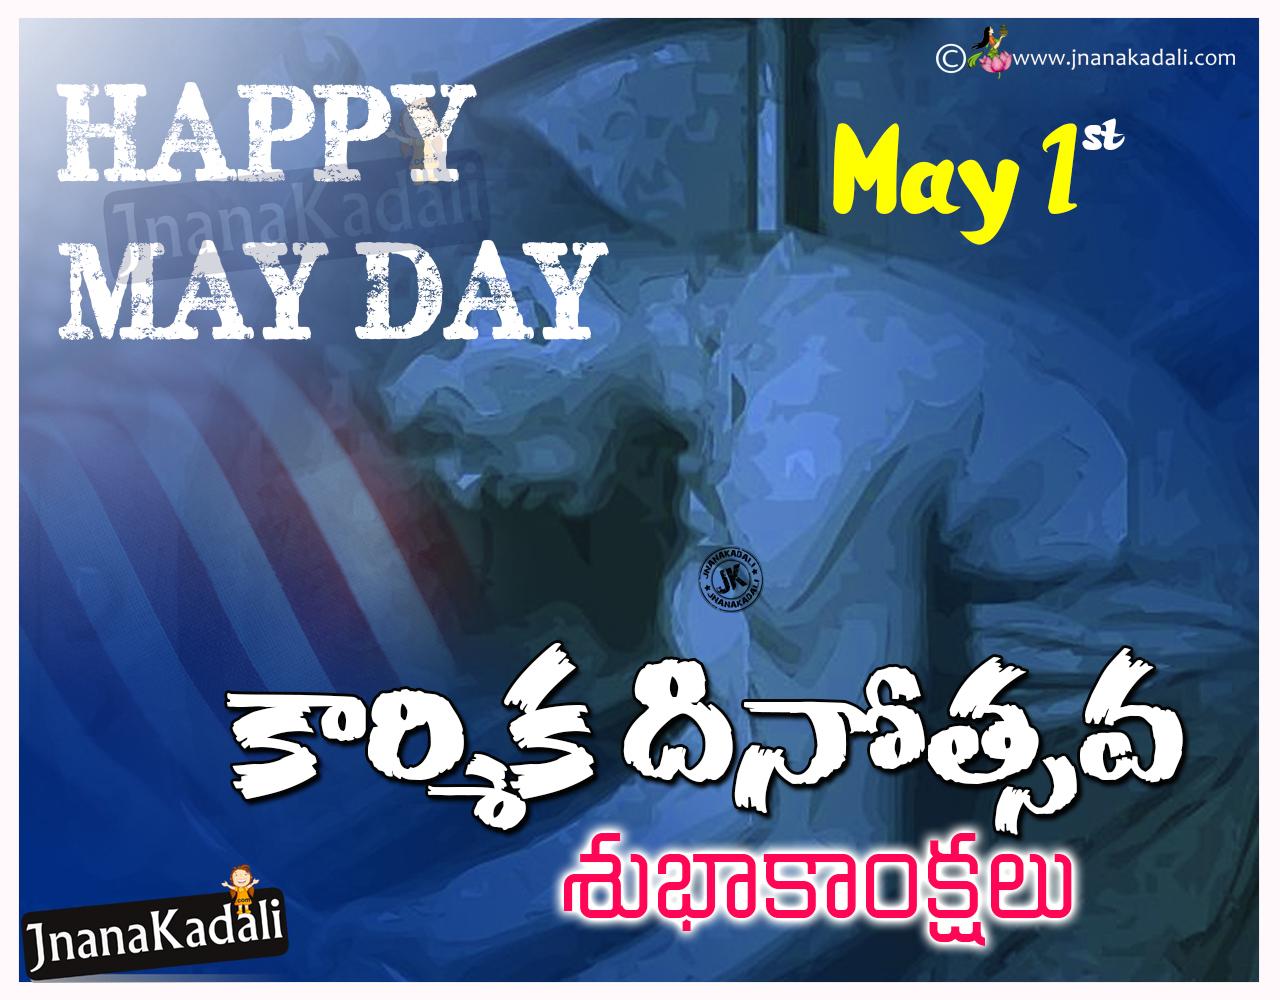 May Day Subhakankshalu Images May Day Greetings In Telugu Jnana